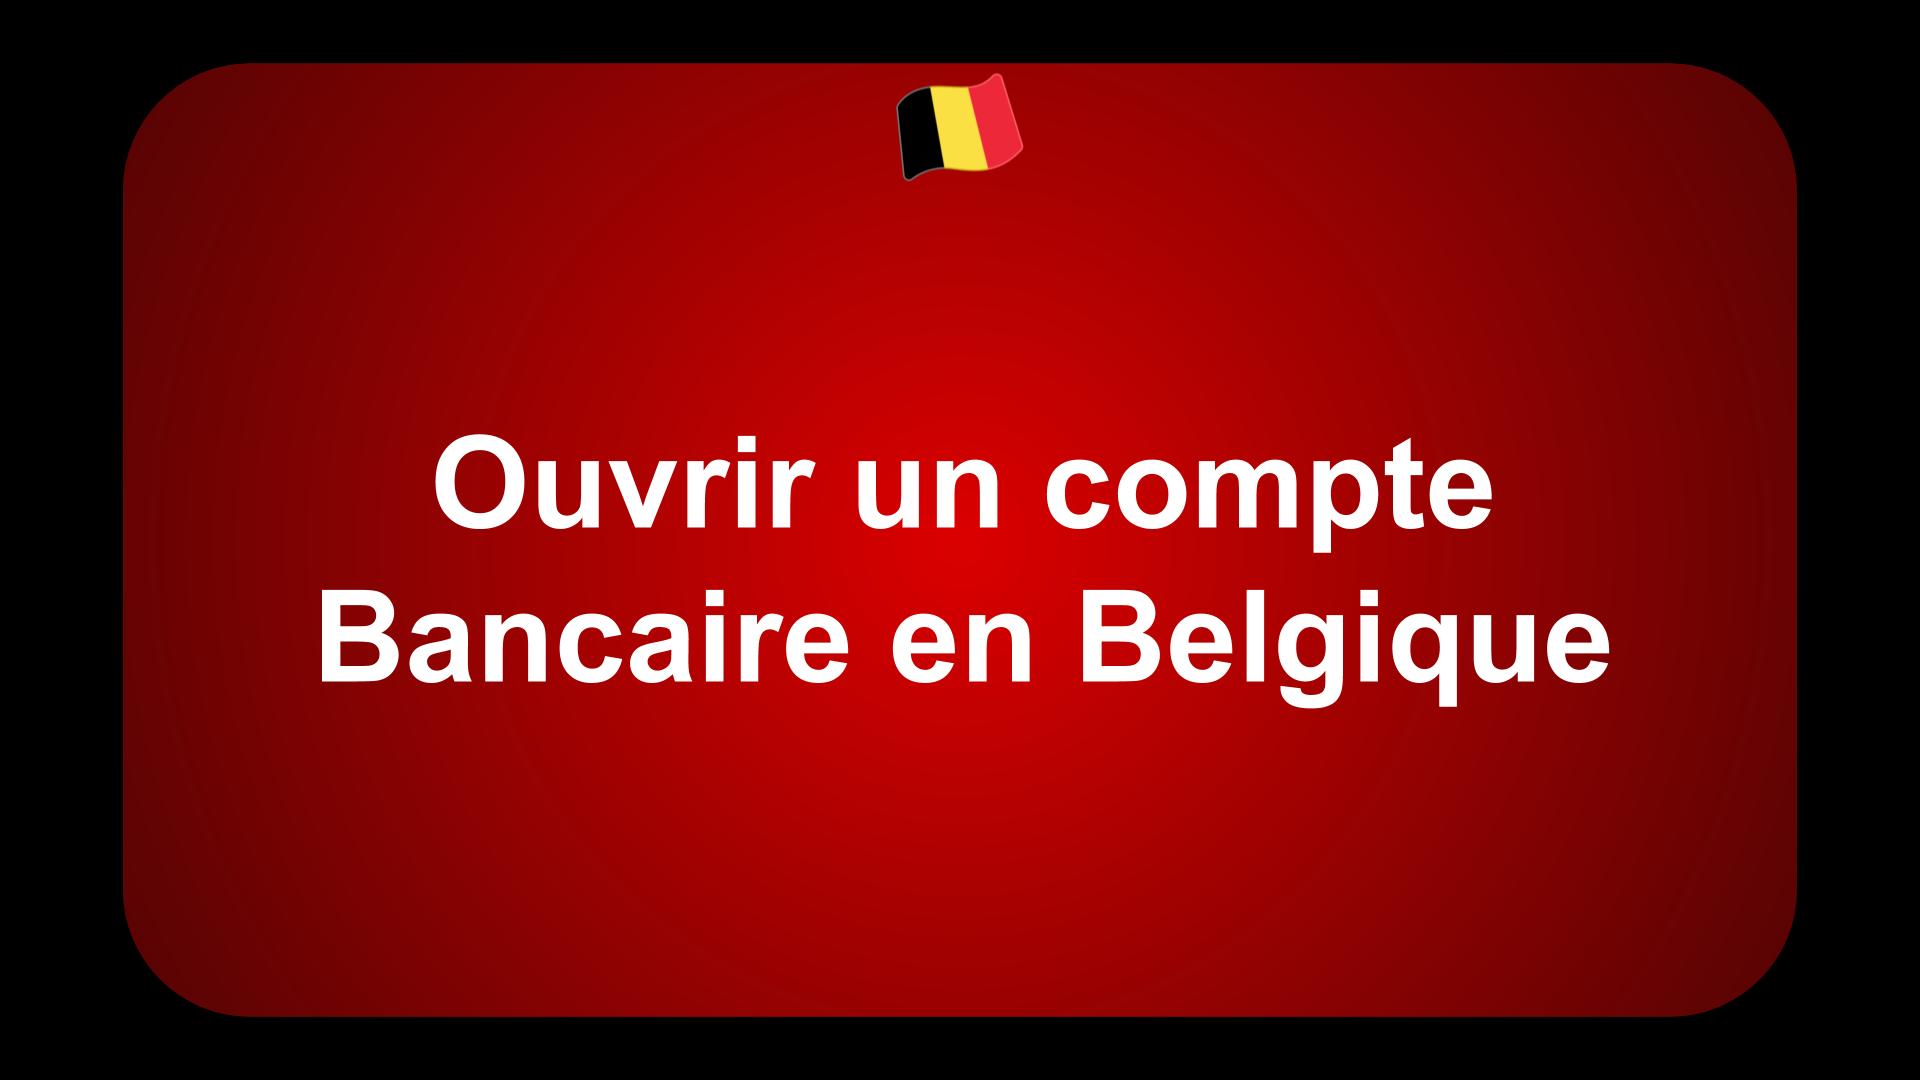 Ouvrir un compte Bancaire en Belgique